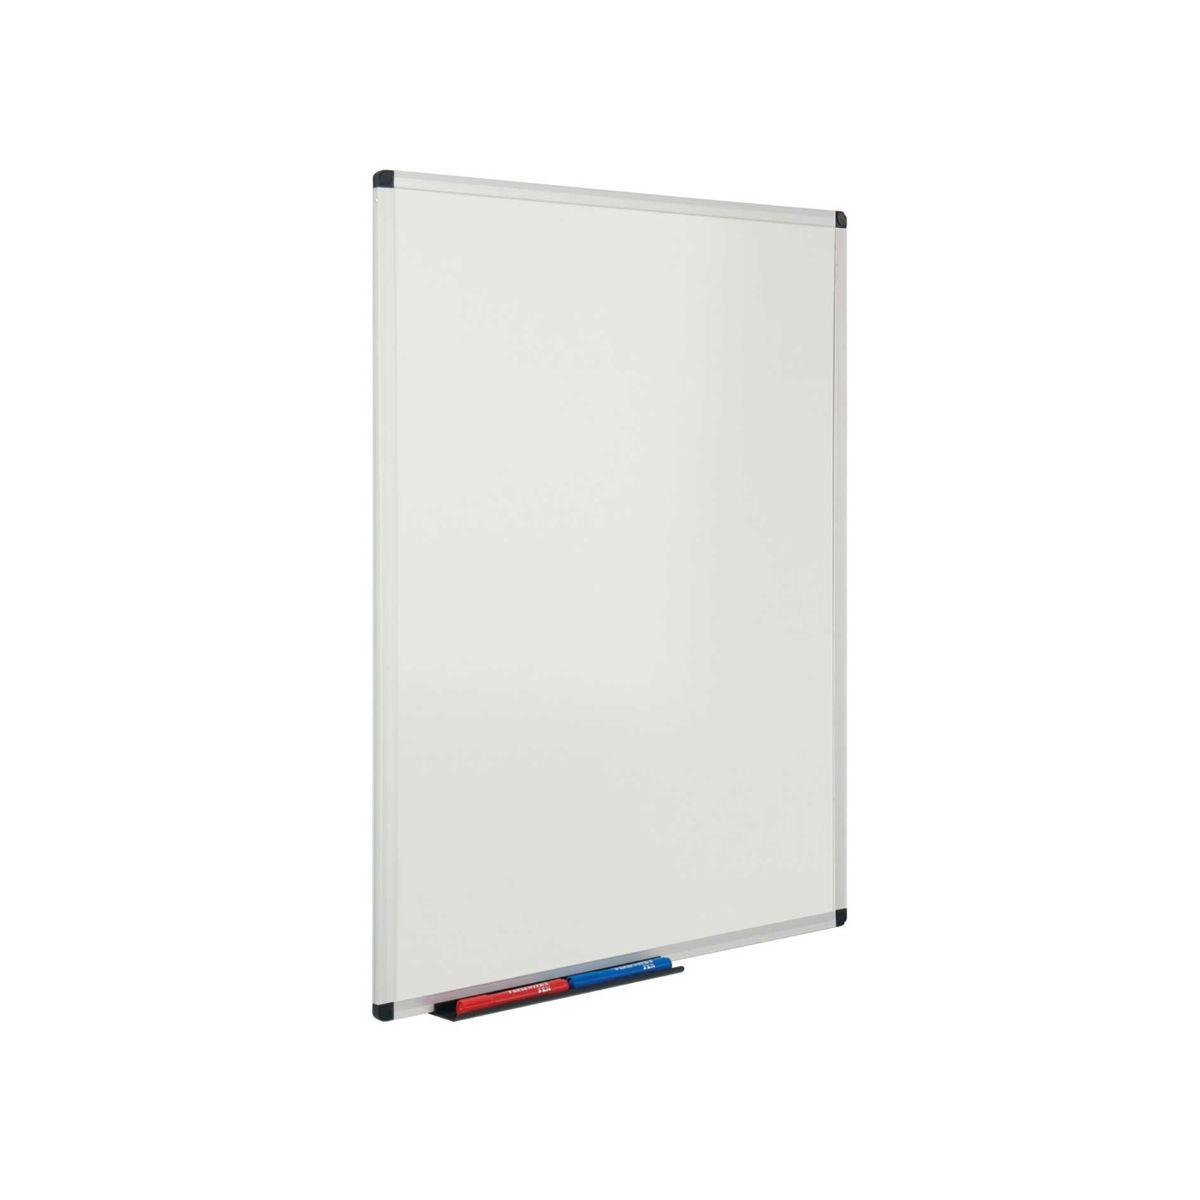 MetroplanDry Wipe Board Double Sided 900x600mm Aluminium.